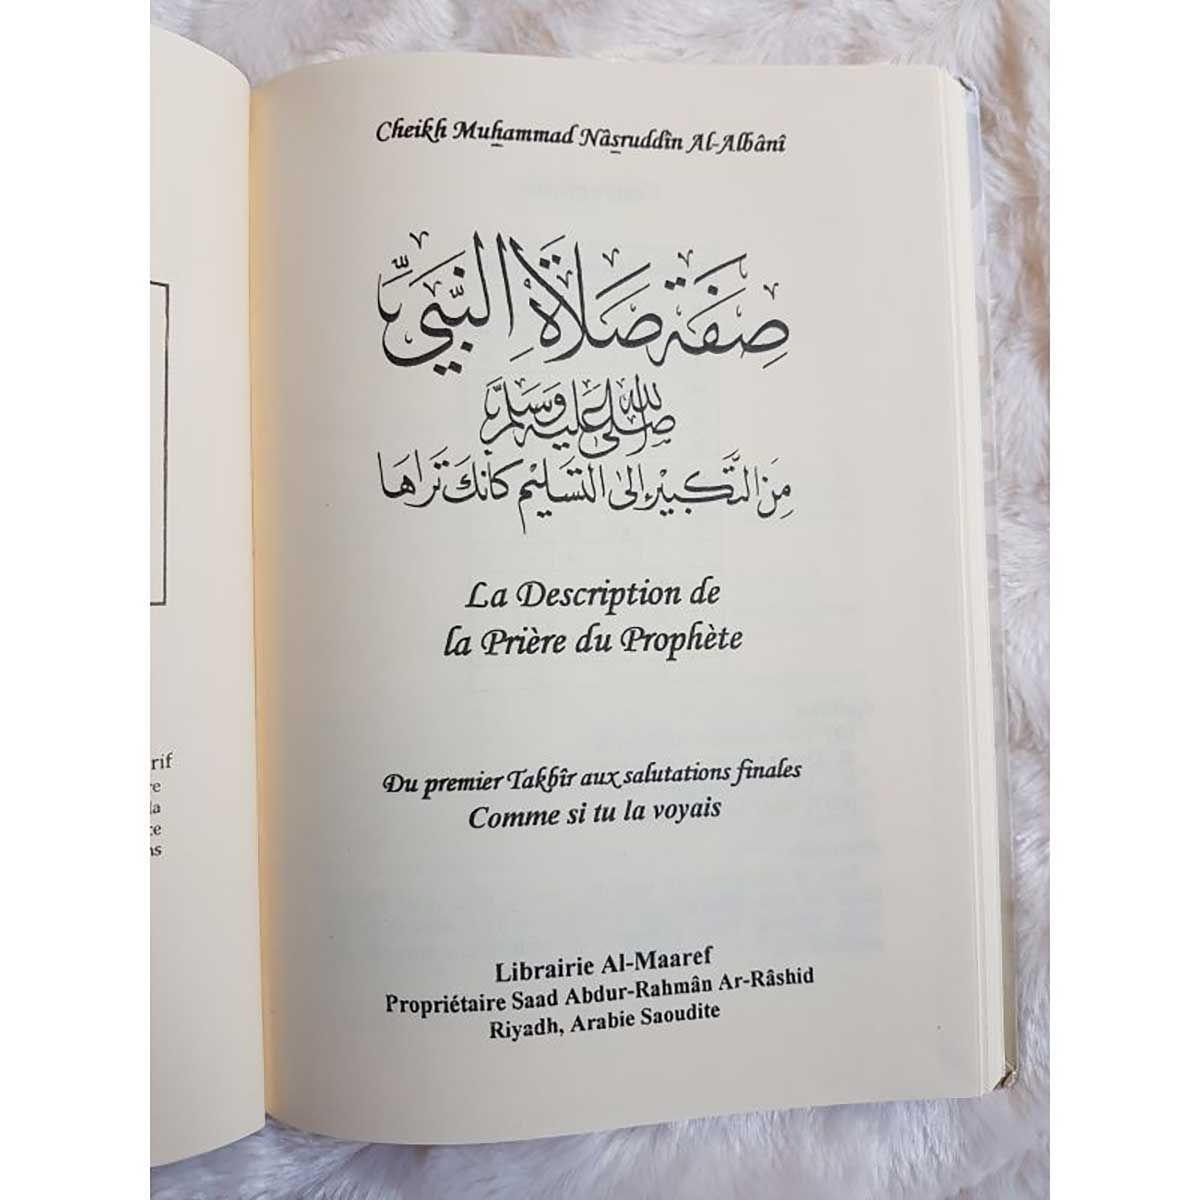 La description de la prière du prophète - Cheikh Muhammad Nâsruddin Al-Albânî